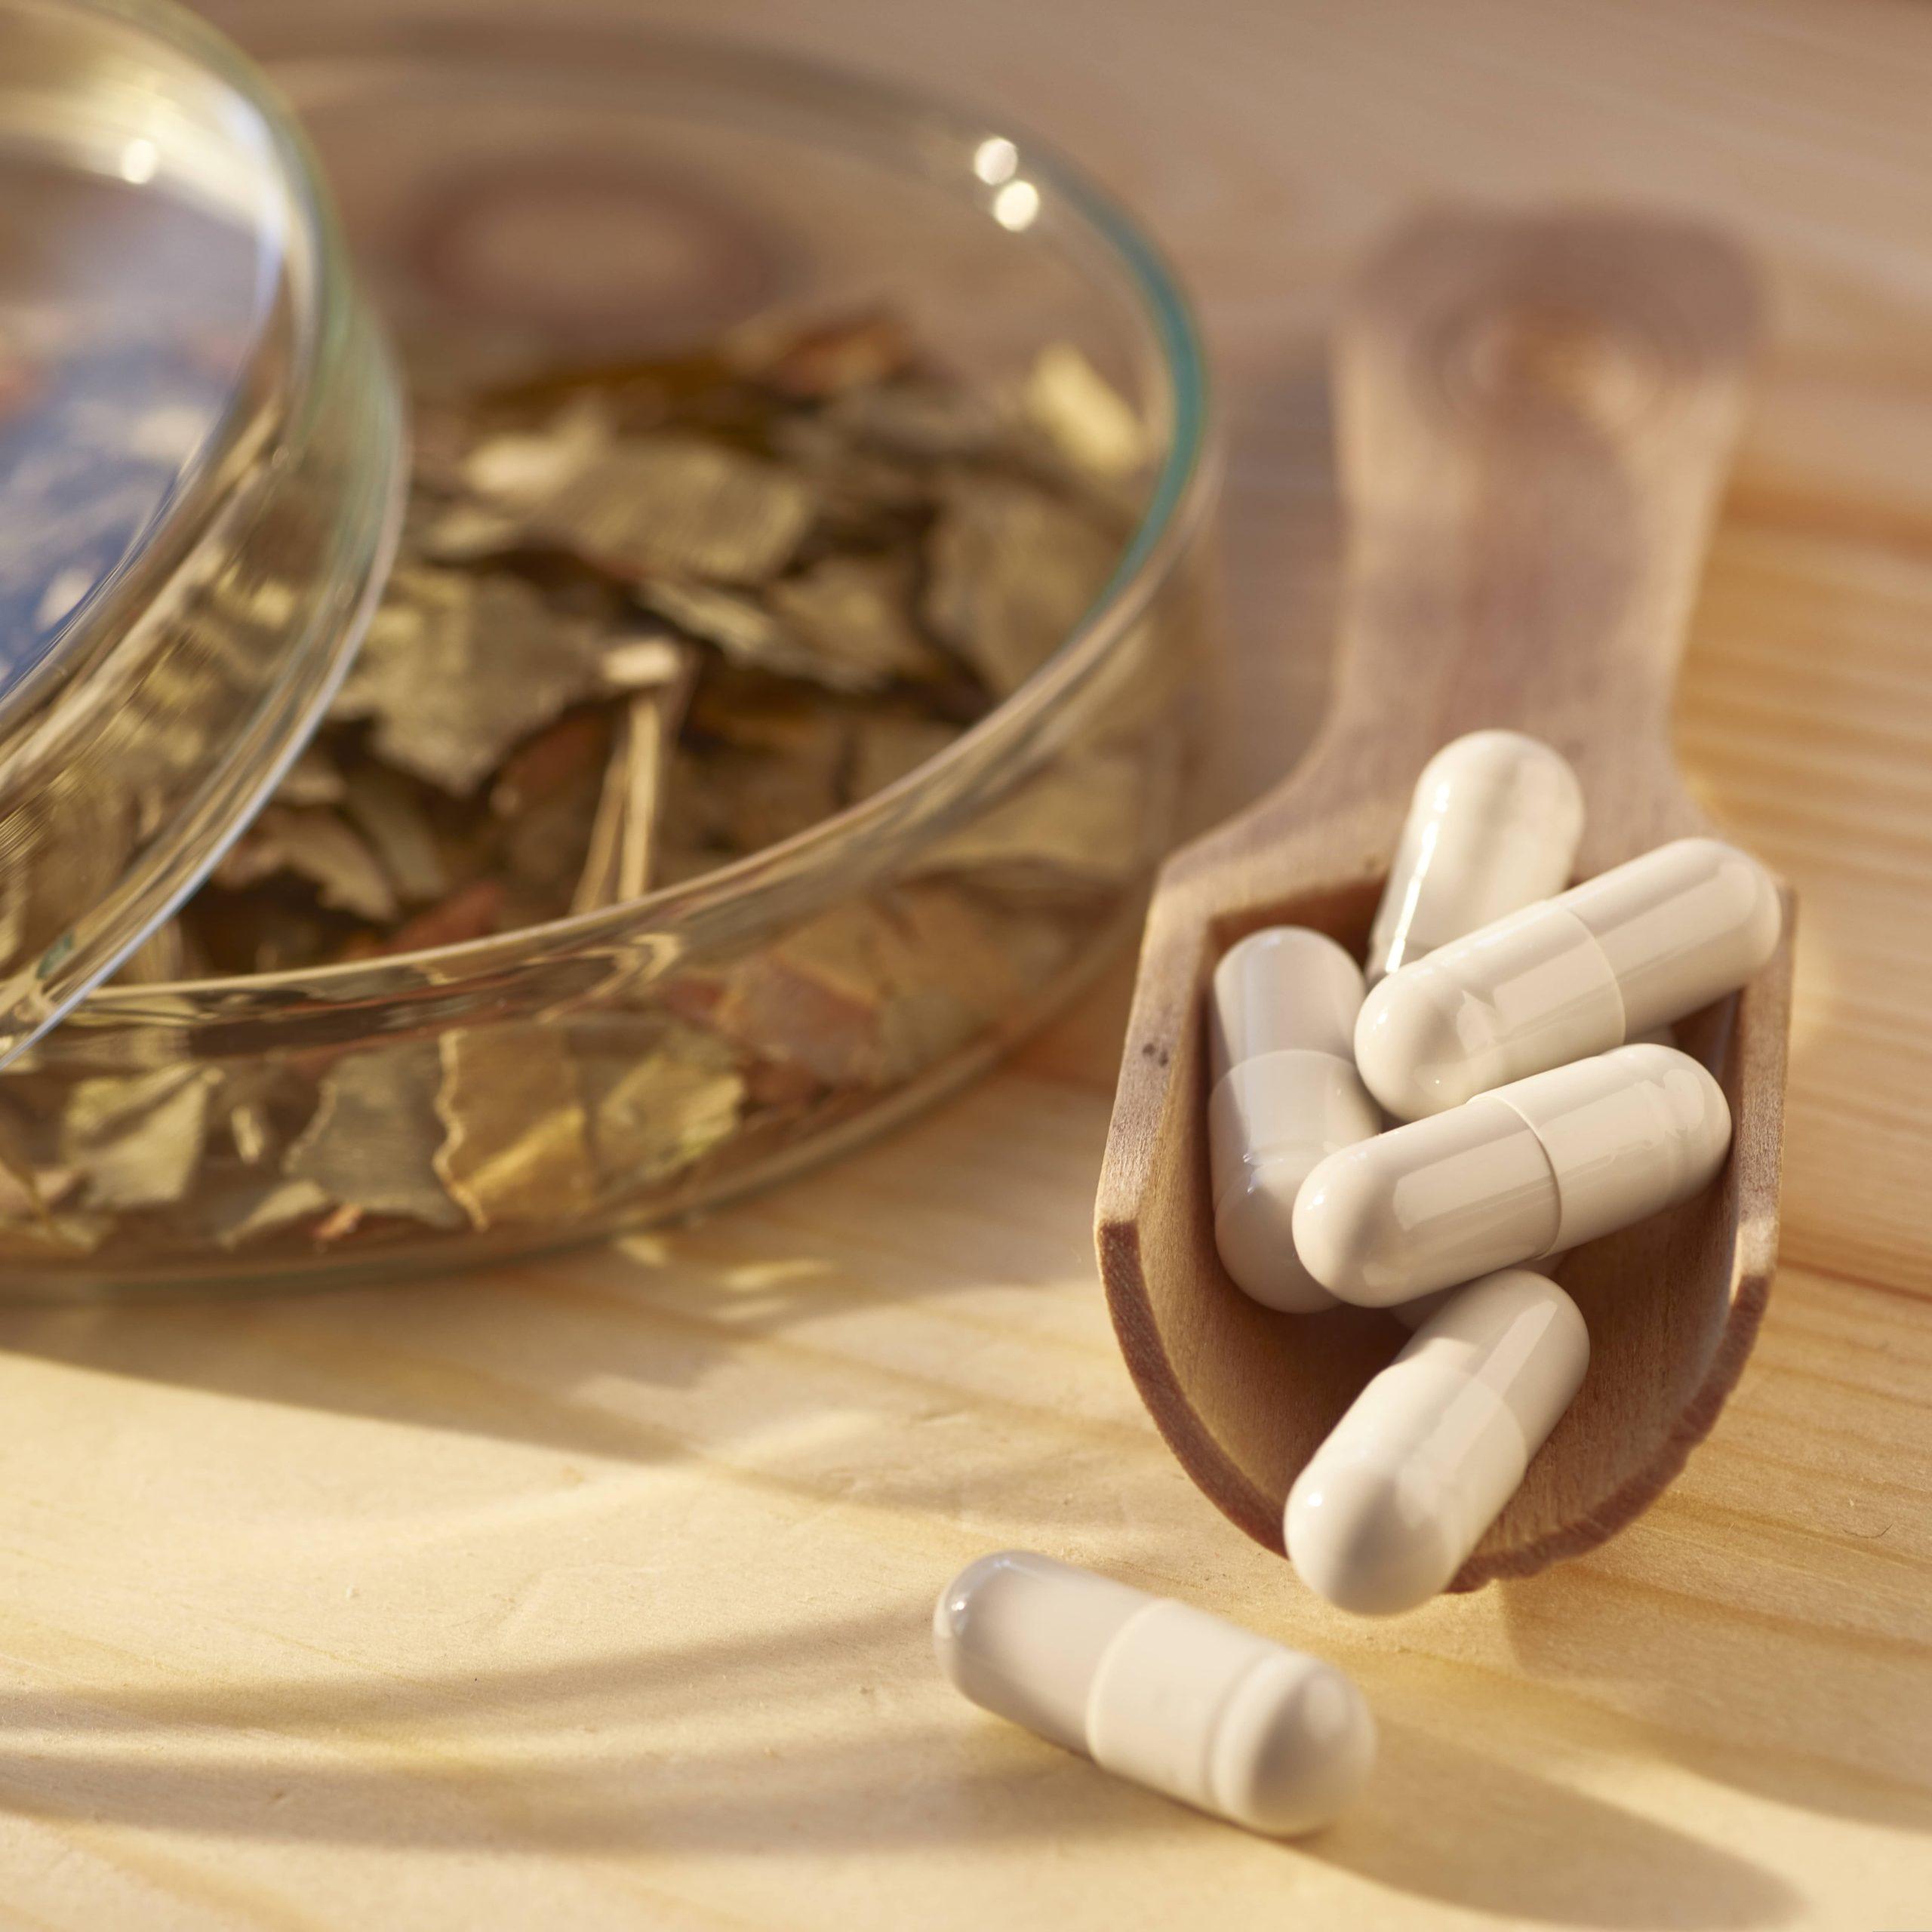 Alimentación, descanso y control de la ansiedad, factores clave para afrontar la EvAU, según AORA Health